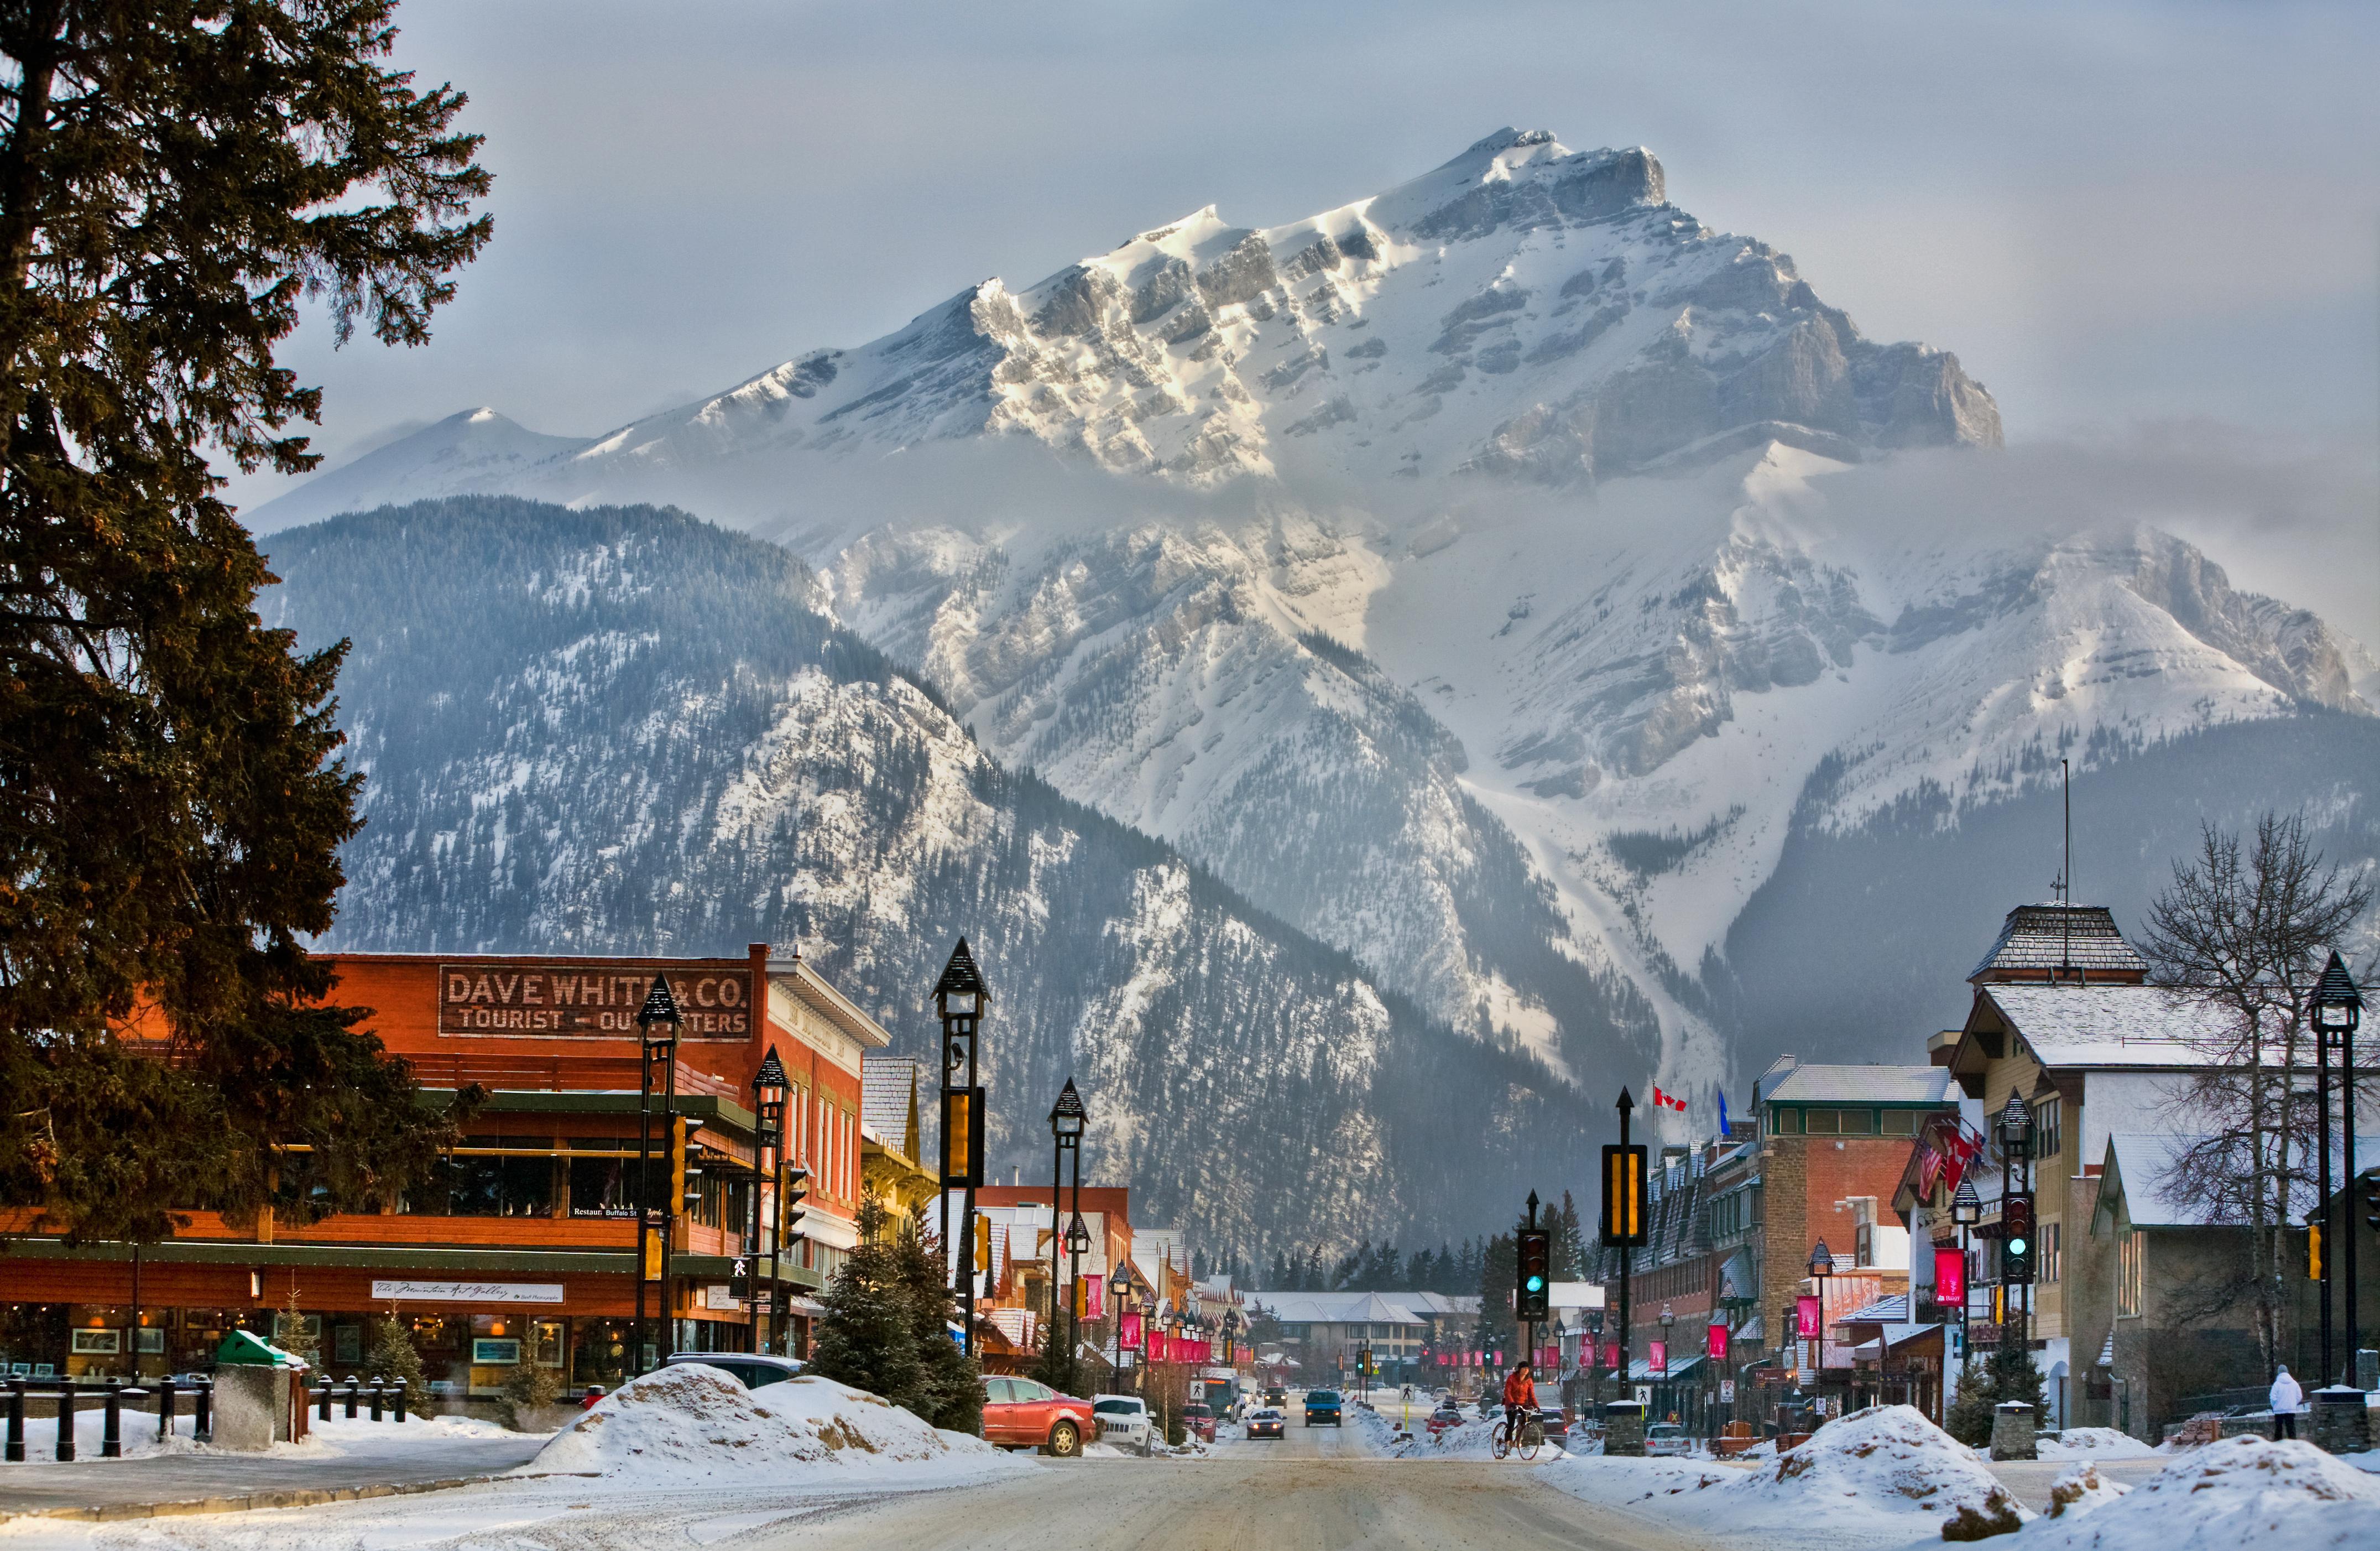 Deze skisafari brengt je naar het wereldberoemde wintersportdorp Banff, onderdeel van 3 skigebieden in Canada.